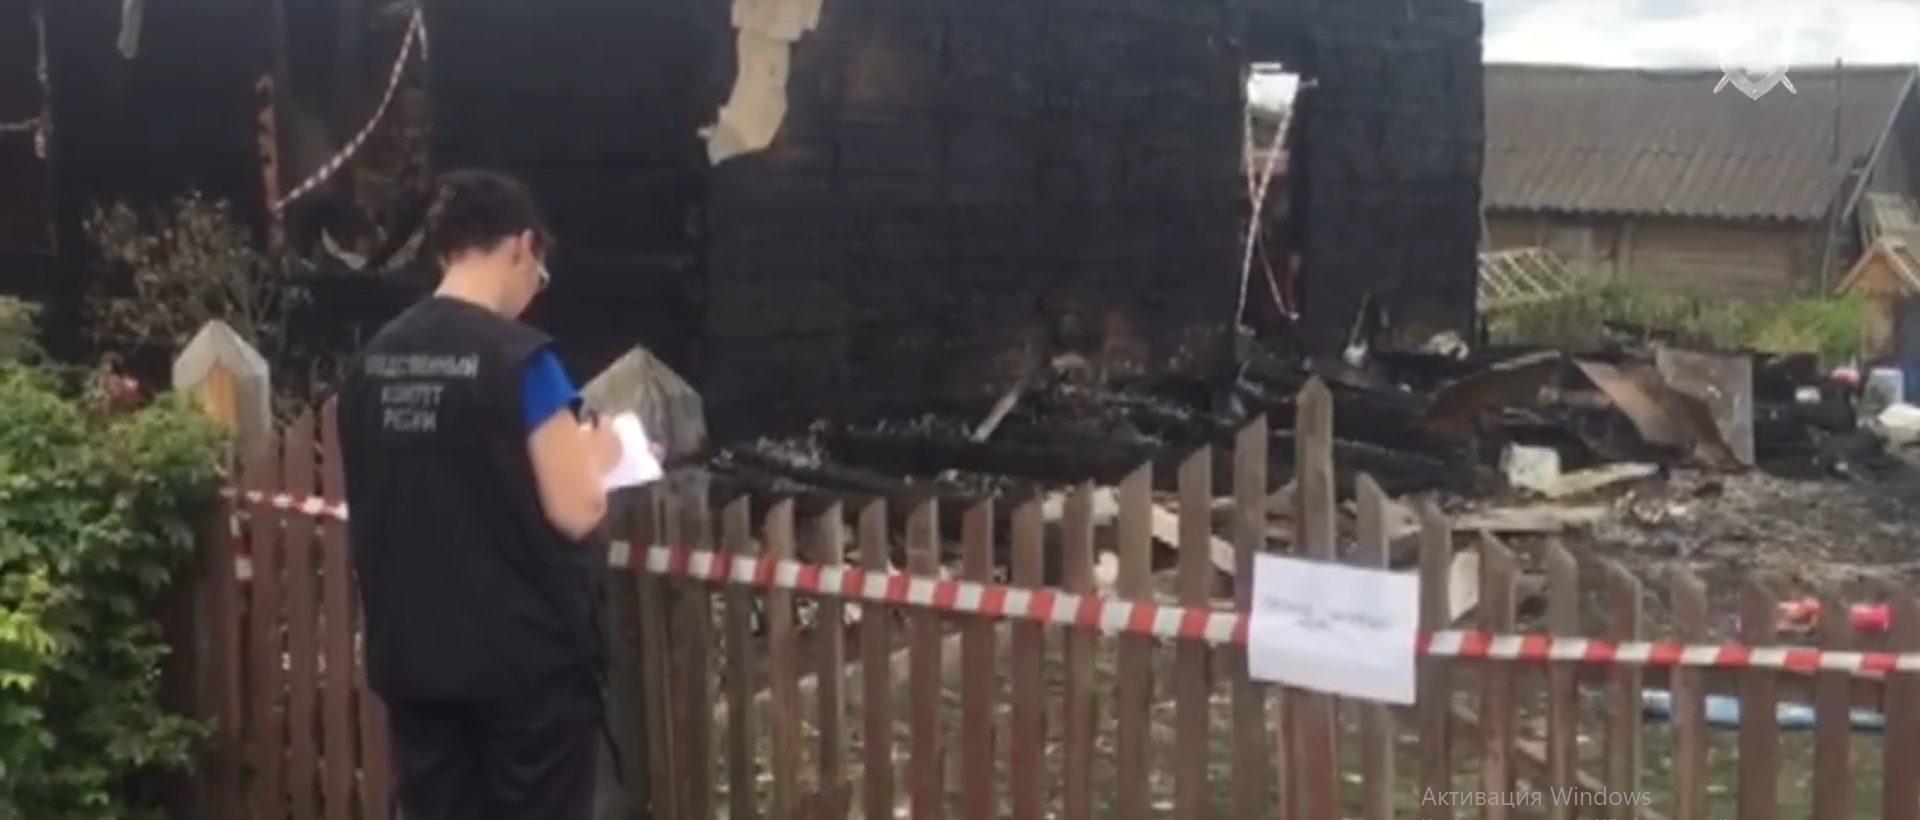 Тверские следователи опубликовали видео с места страшного пожара